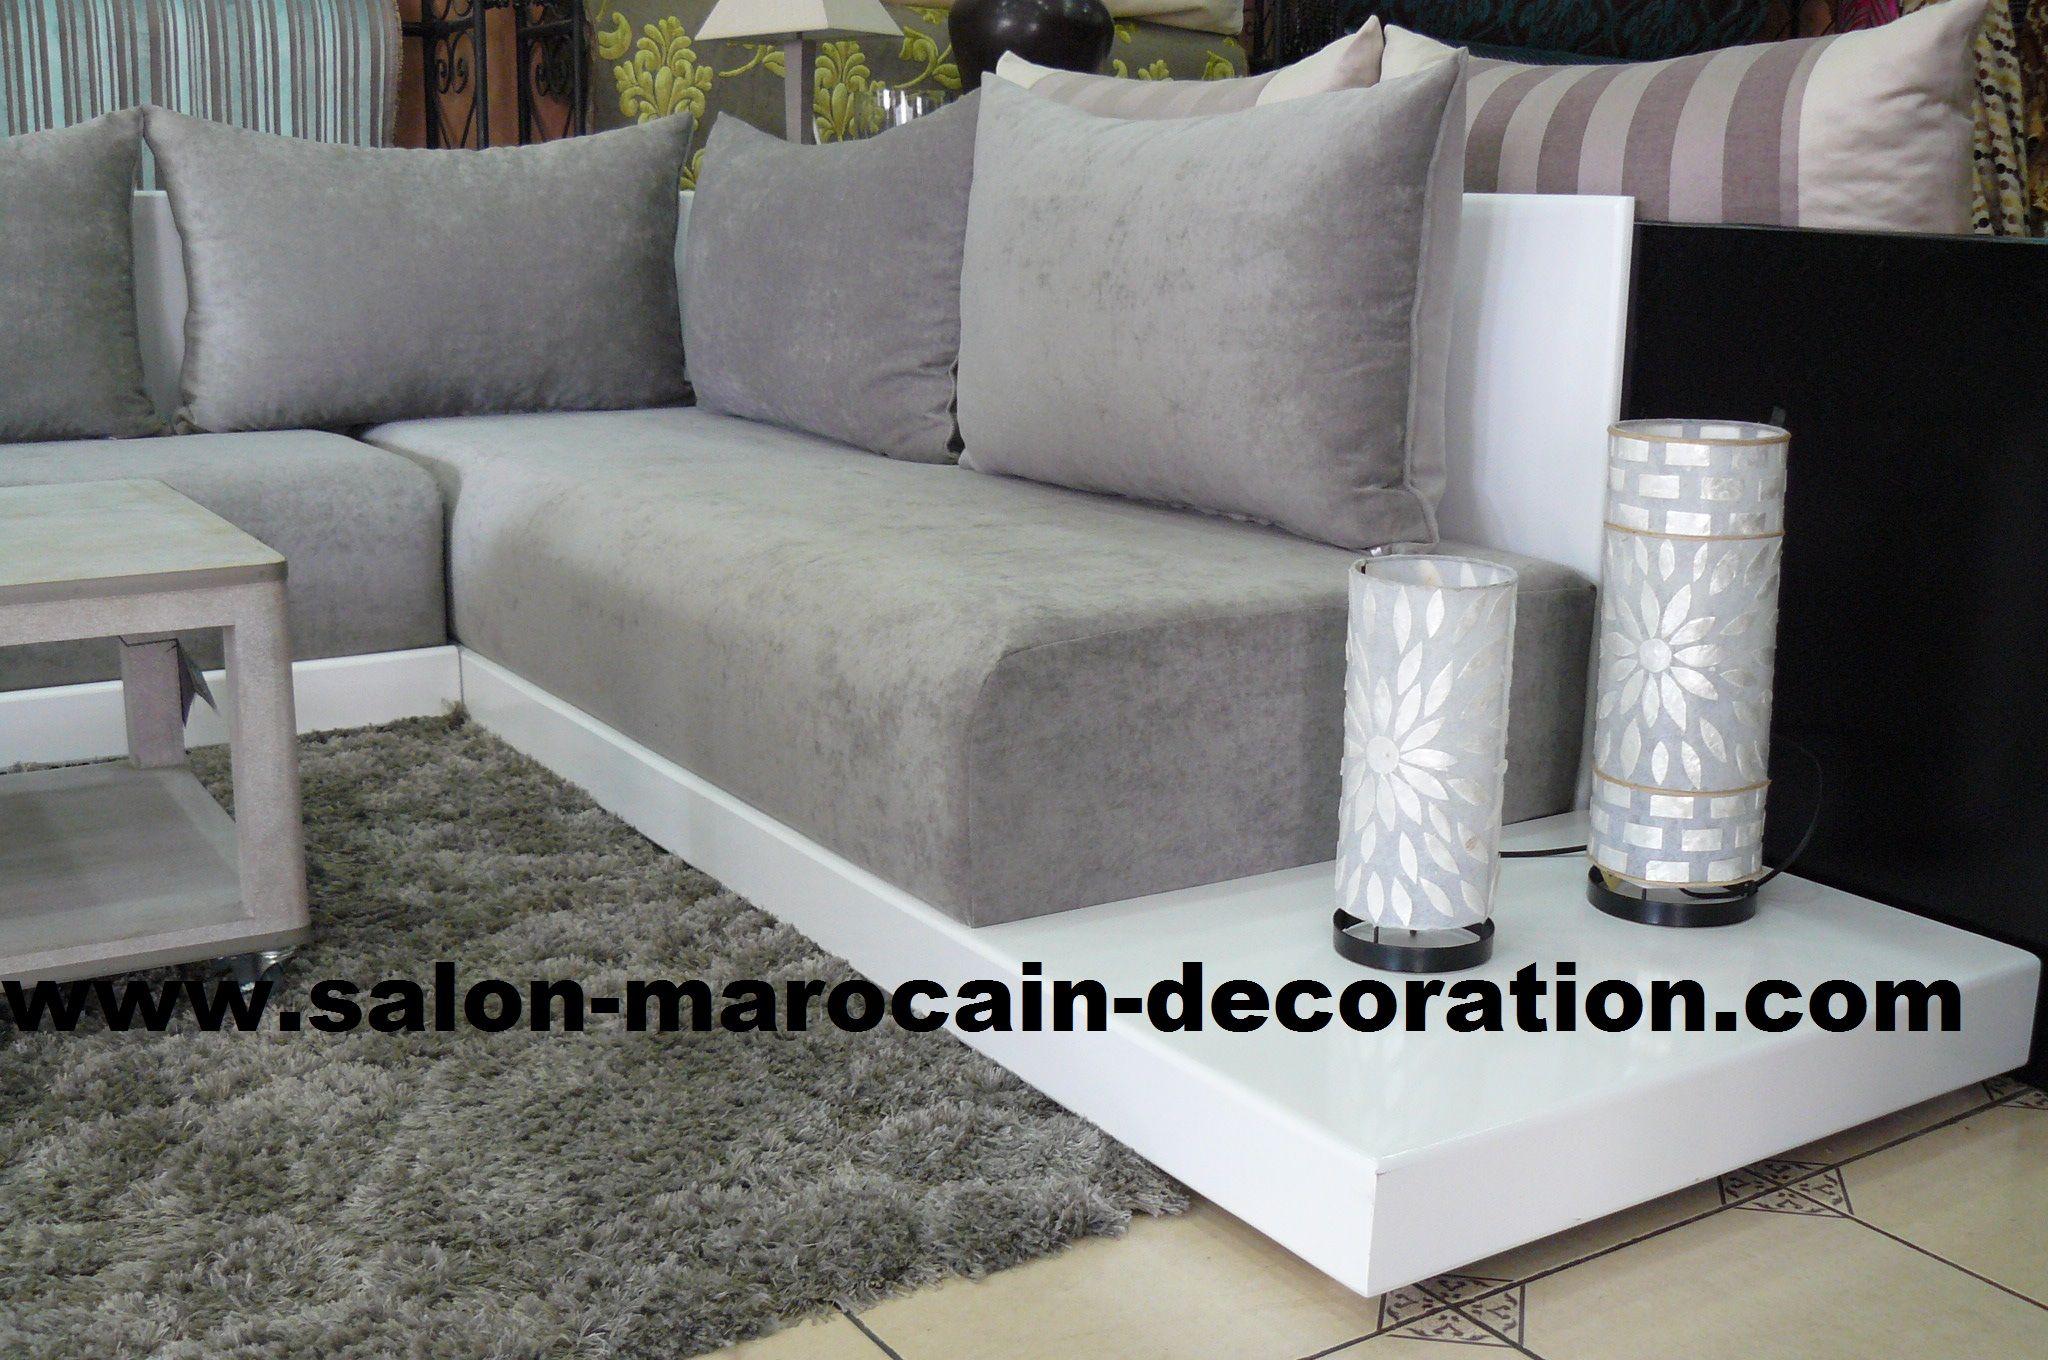 Épinglé Par Amal Sur Decoration En 2019 Salon Marocain Deco